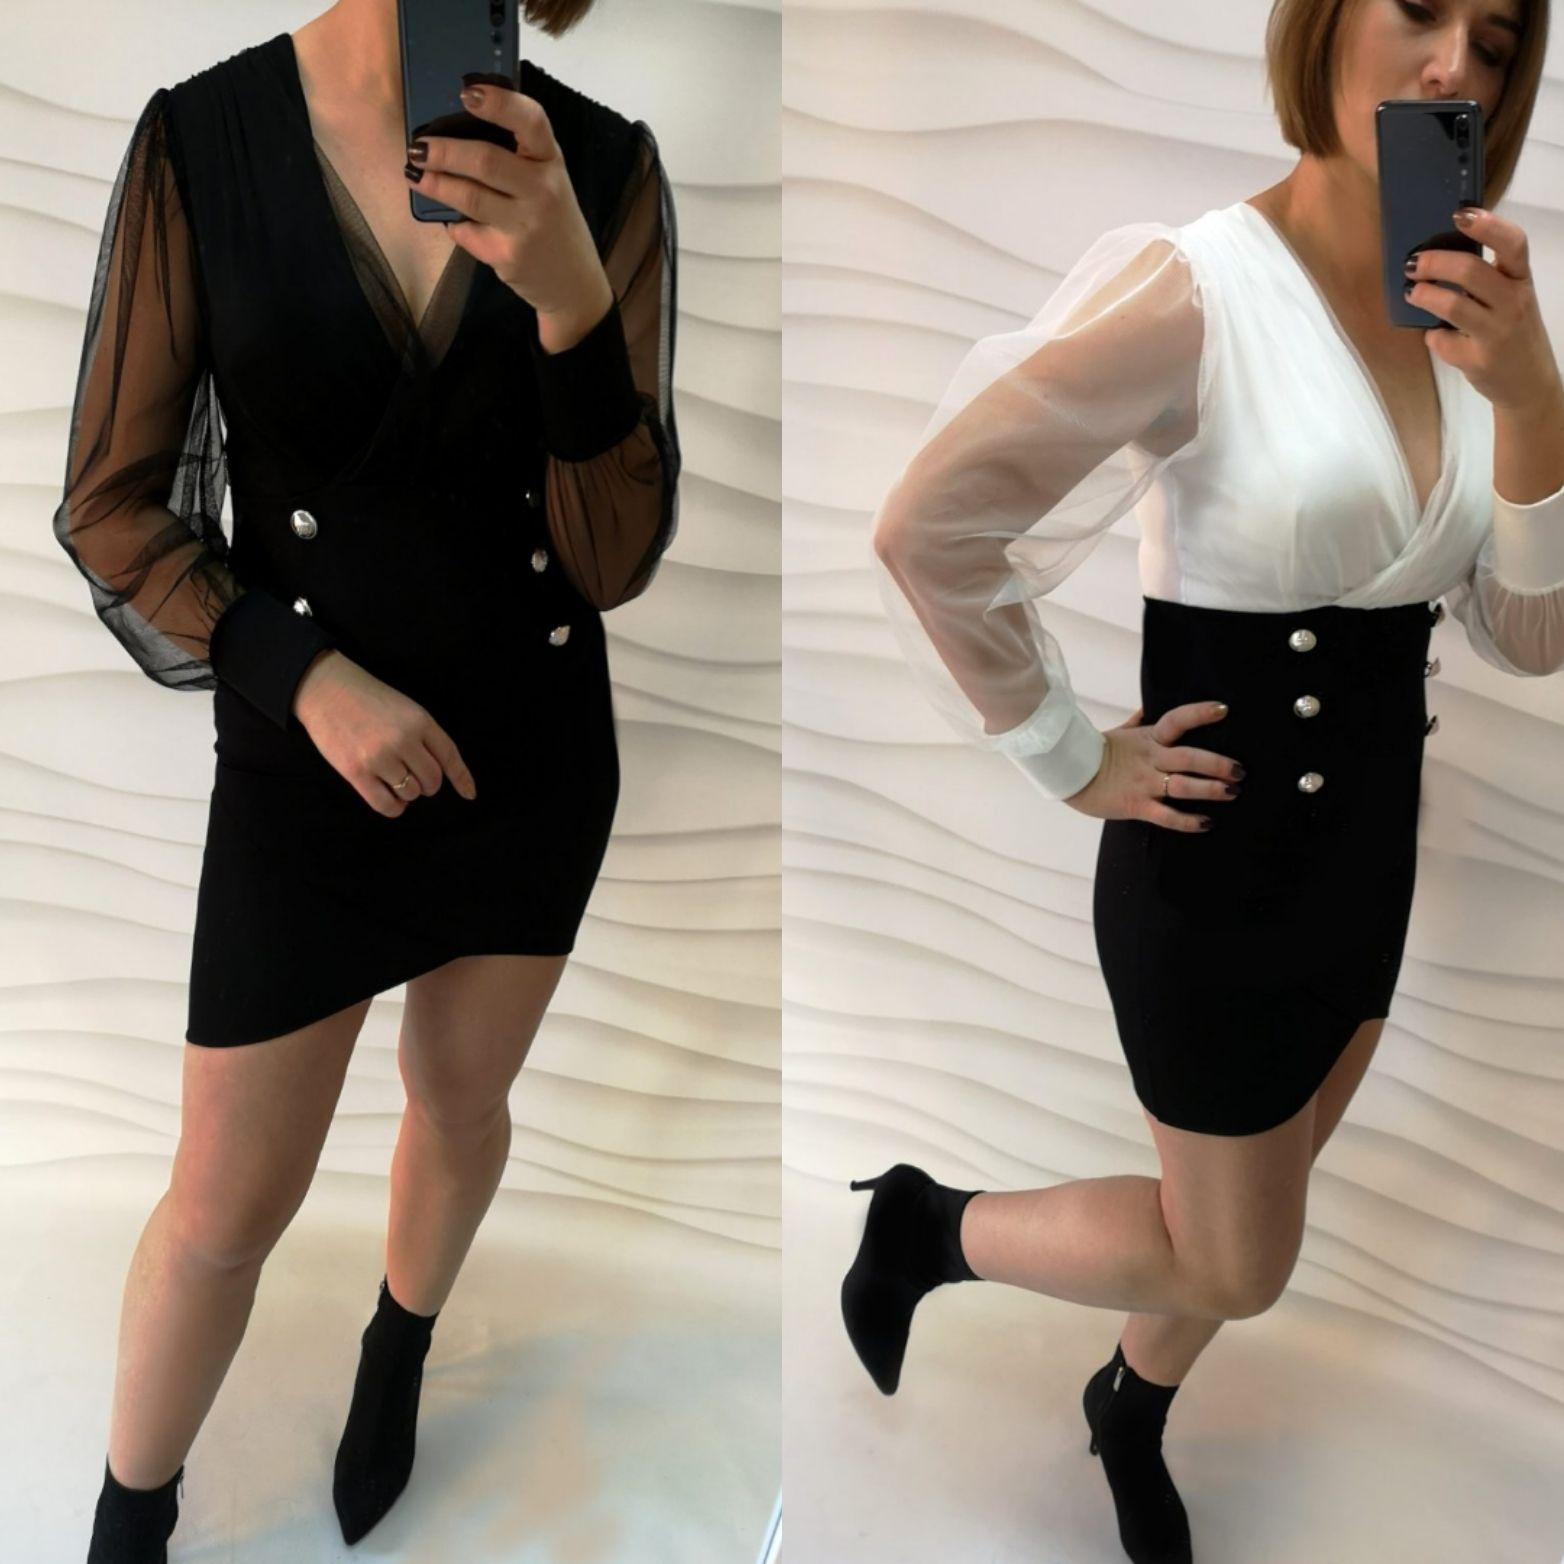 Tiulowa Sukienka Z Bufkami Zlote Guziki Olowkowa Sylwester Impreza Elegancka Sukienka Butik High Waisted Skirt Fashion Bodycon Dress